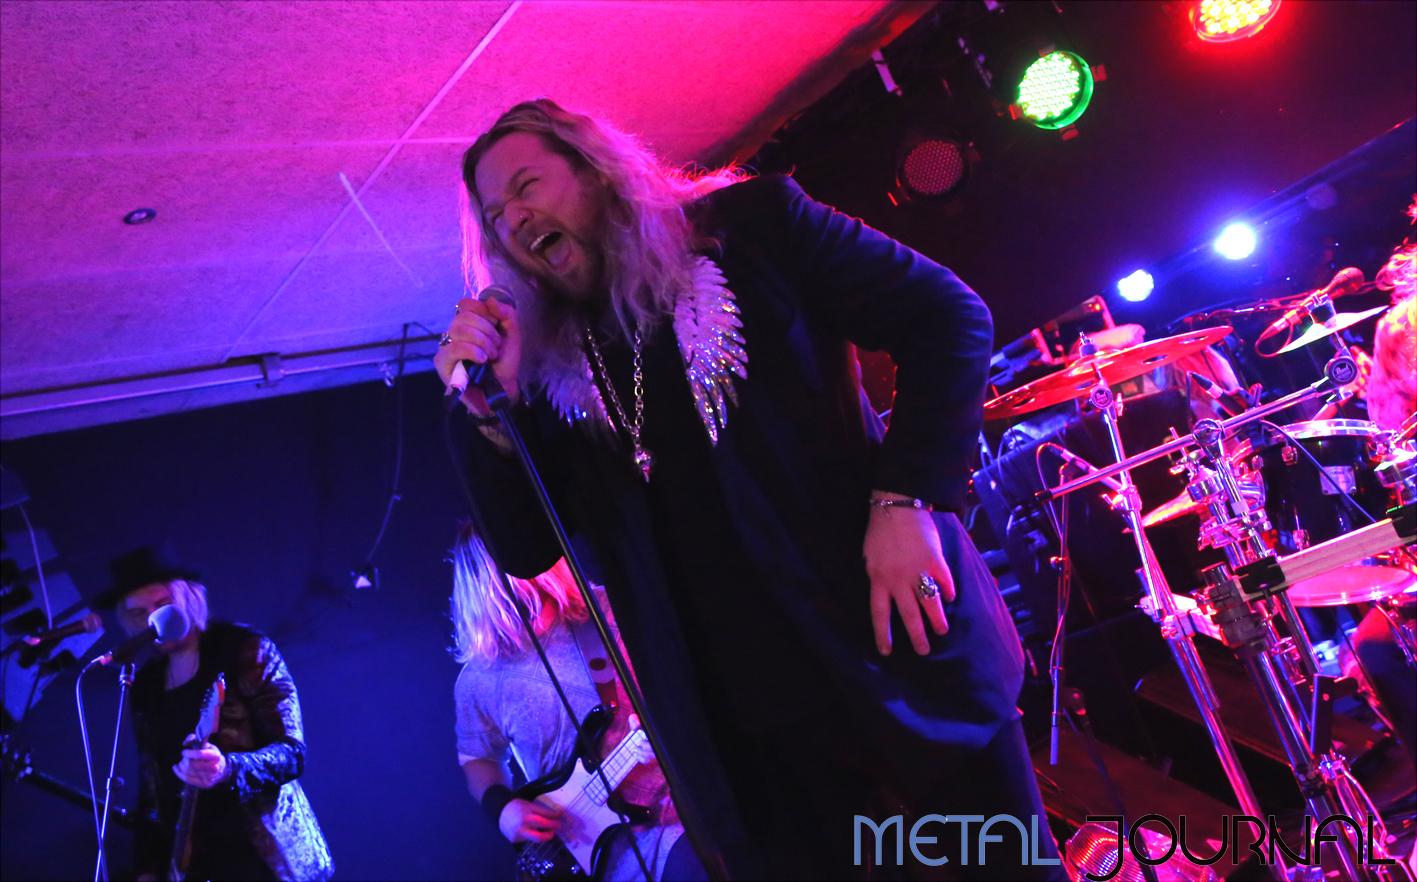 inglorious - metal journal 2017 pic 5